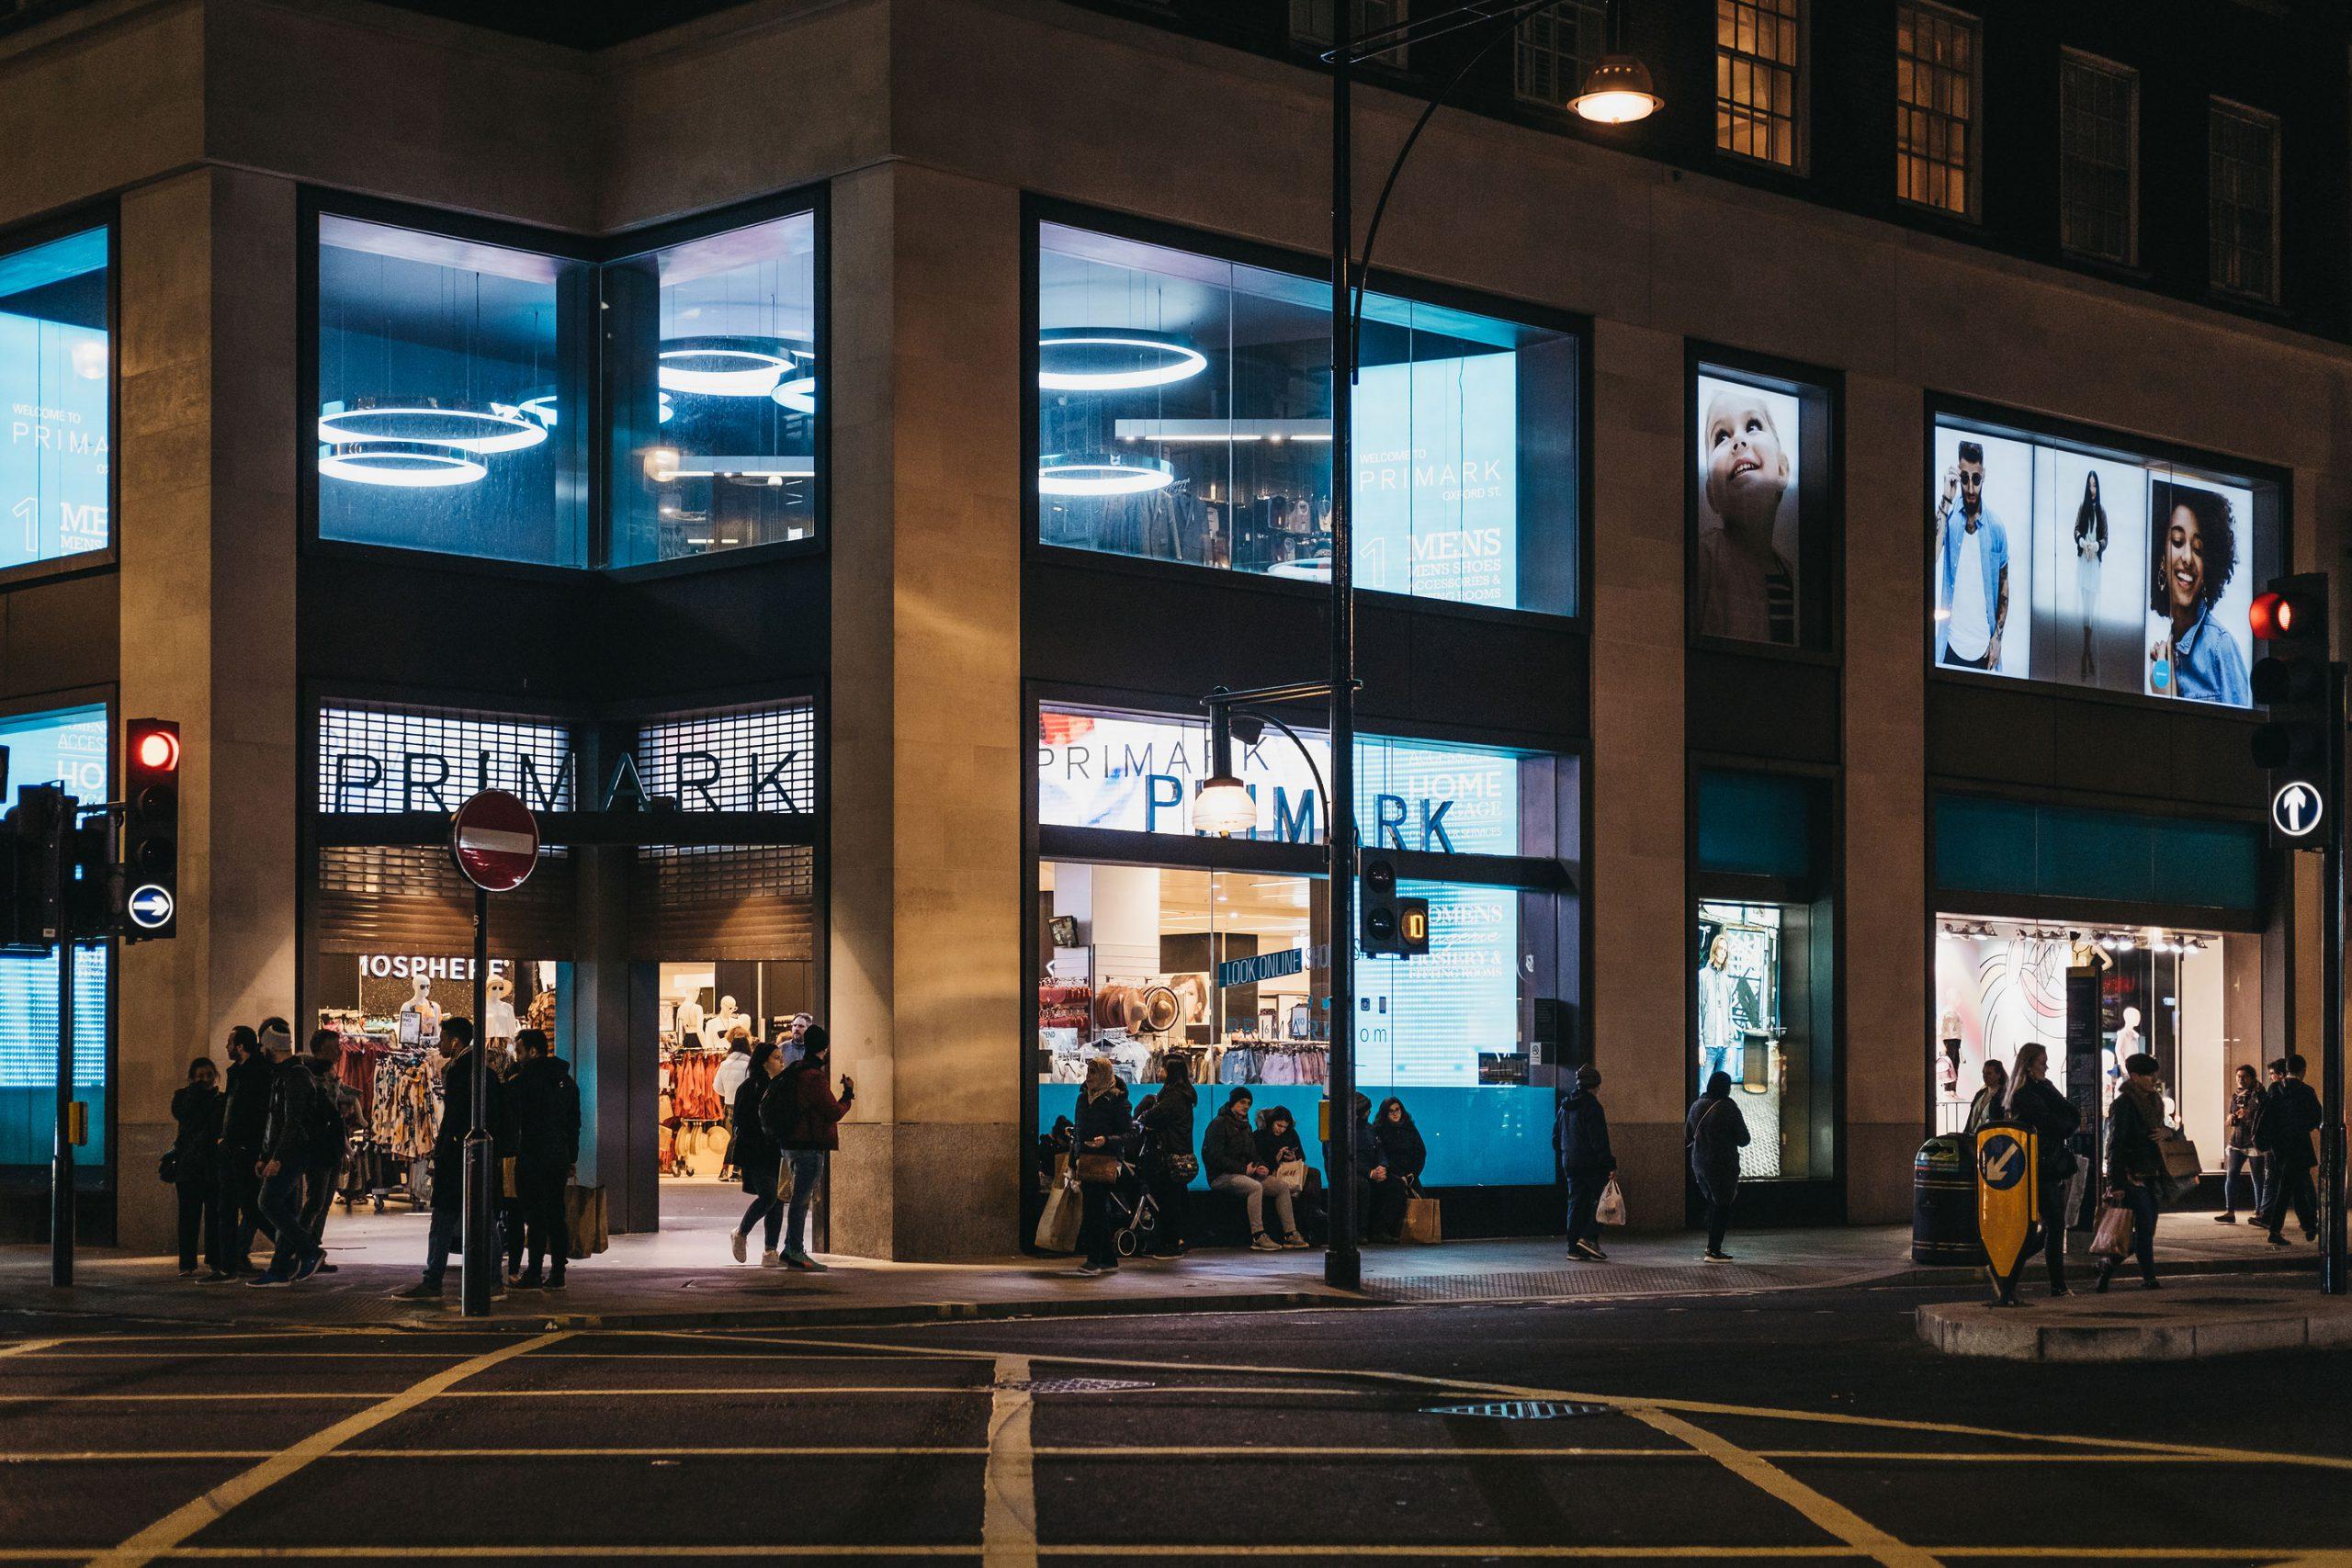 primark butikk oxford street shopping london